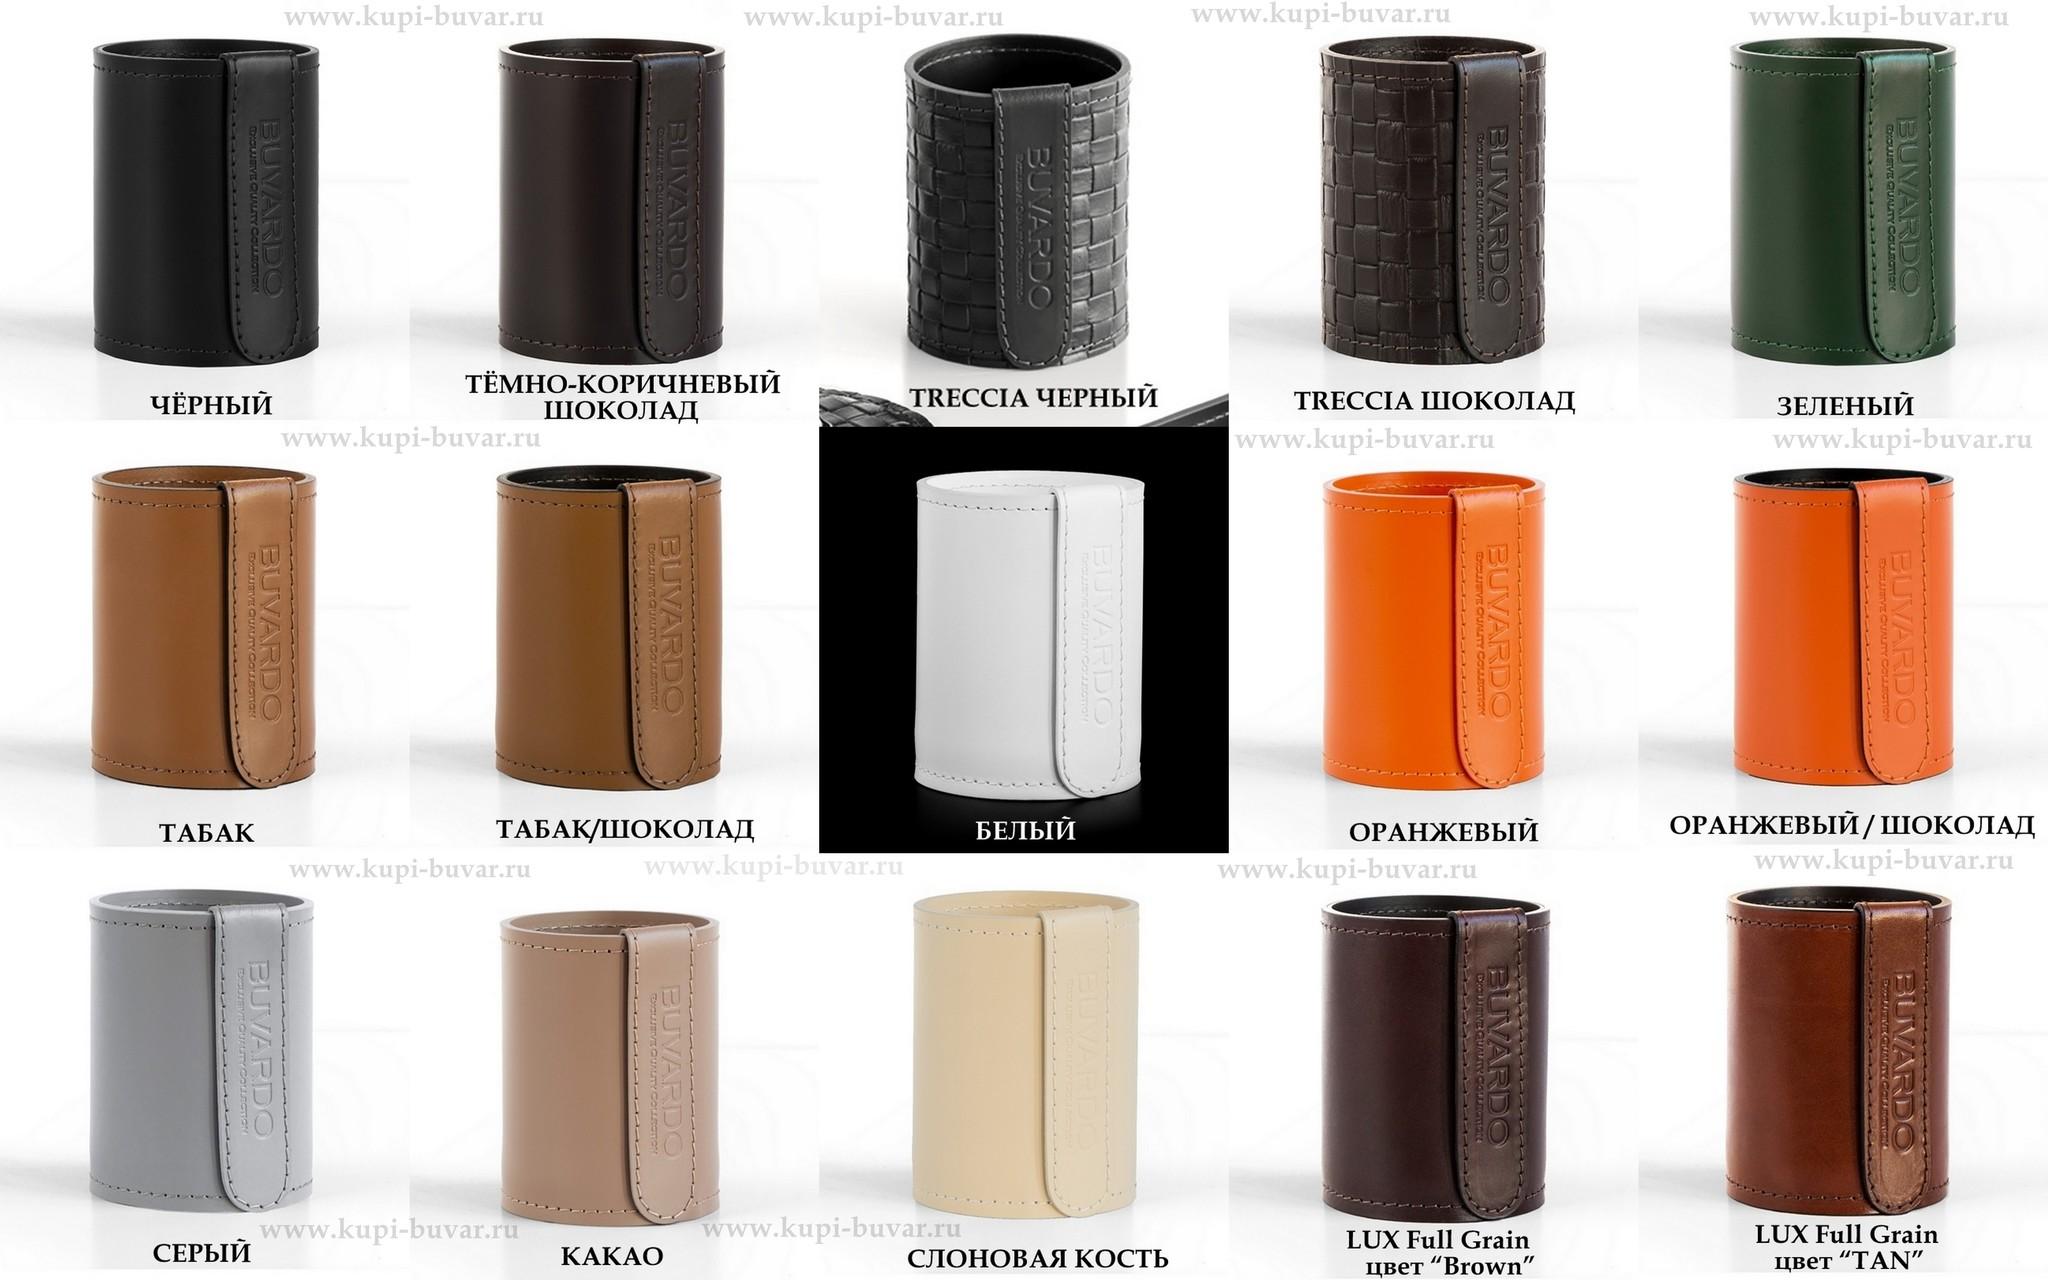 Варианты цвета кожи Cuoietto для набора 1412-СТ 12 предметов.